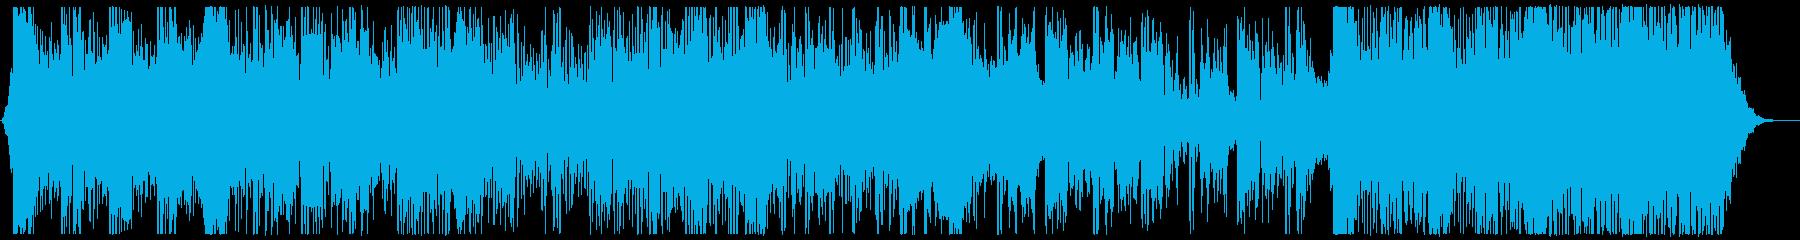 Alt Mix-繊細なピアノ、スト...の再生済みの波形